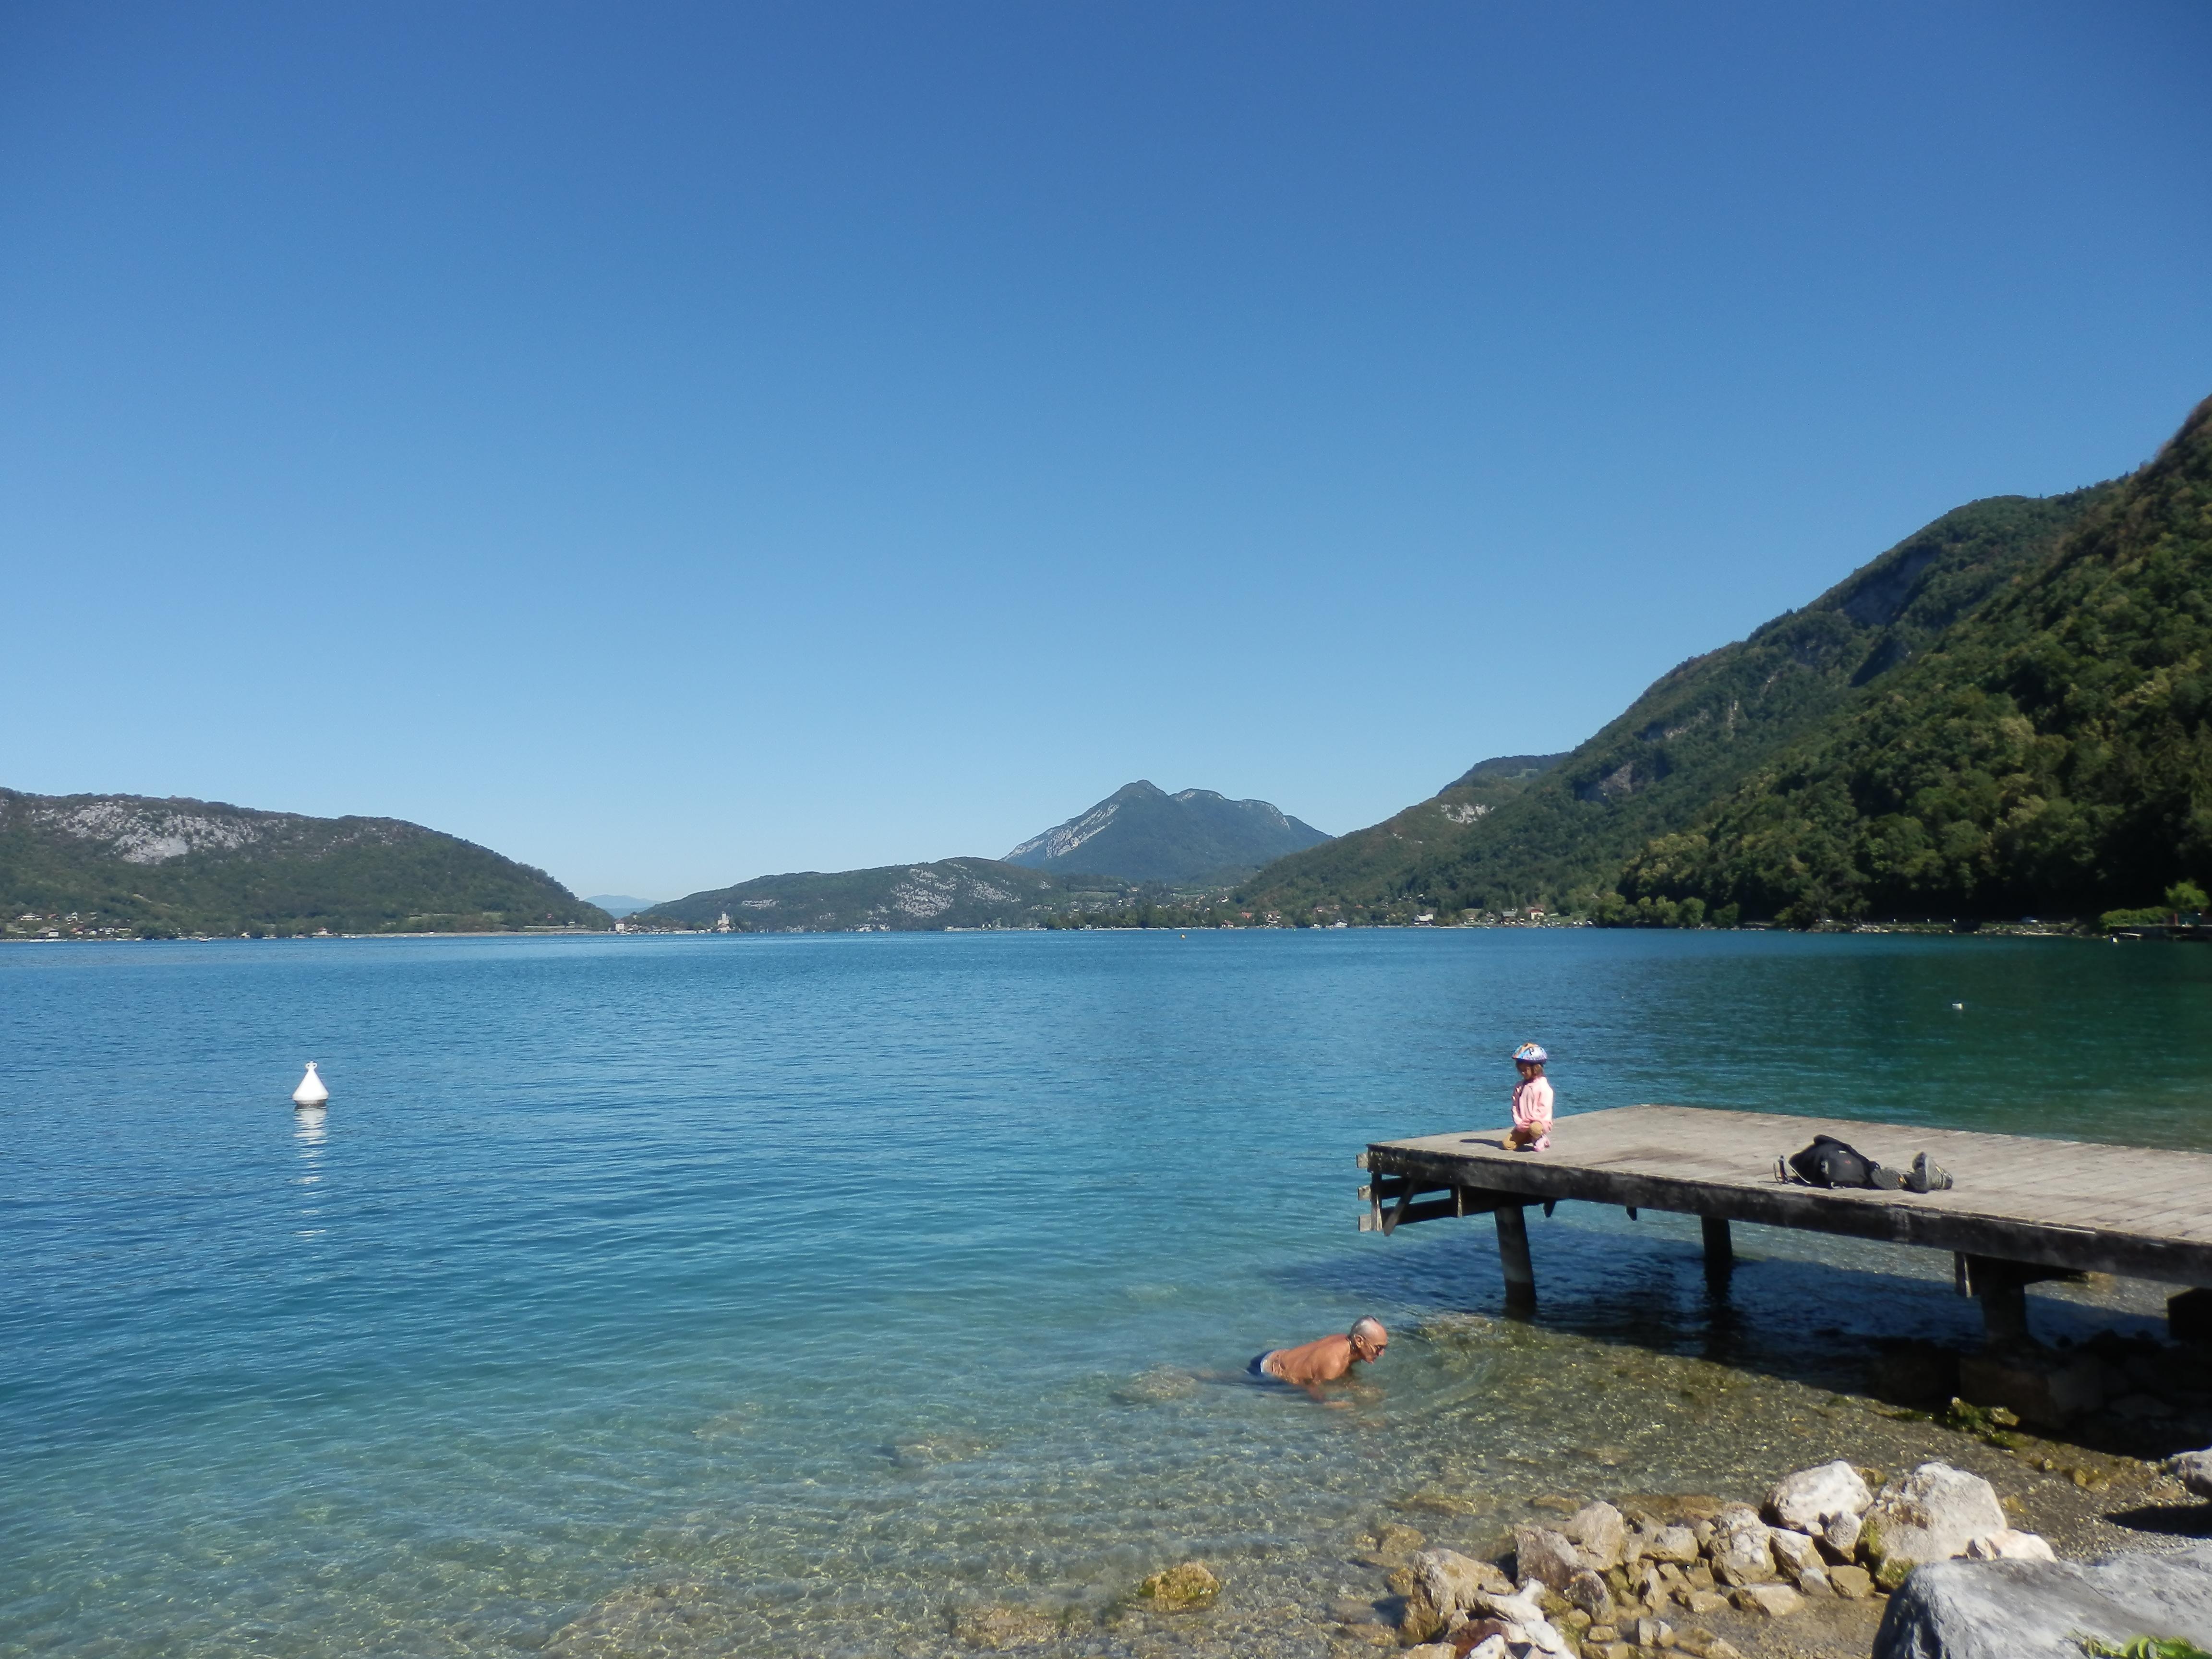 Tắm bên hồ Annecy